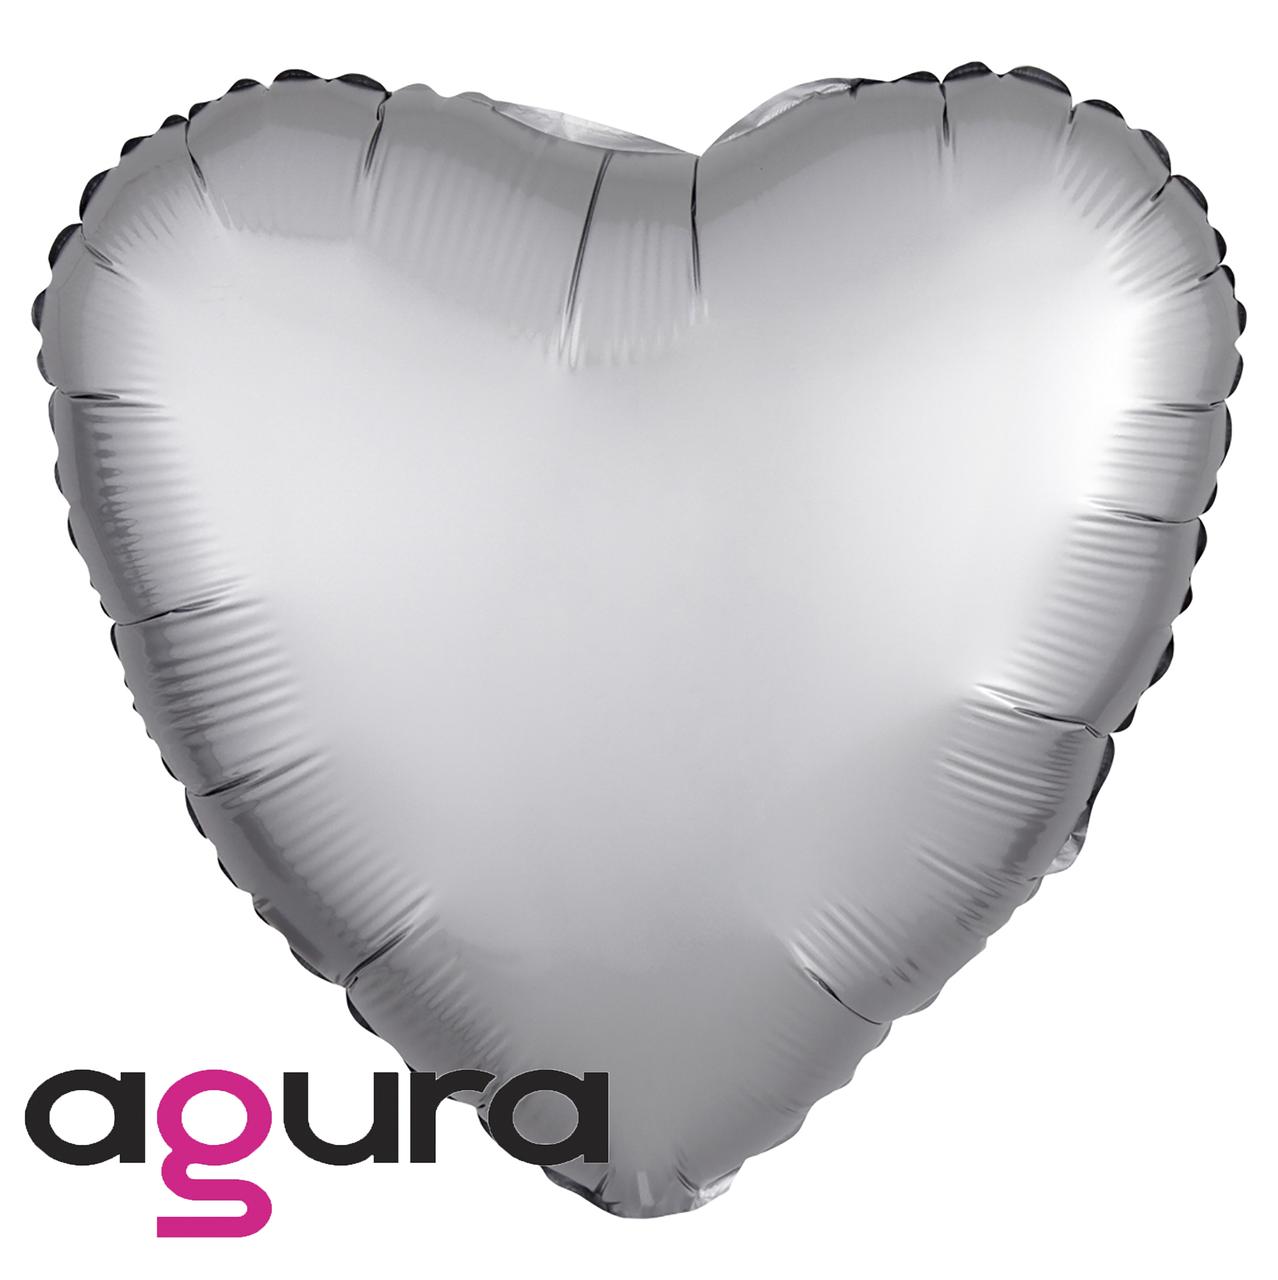 Фольгированный шар 19' Agura (Агура) Сердце платина, 49 см